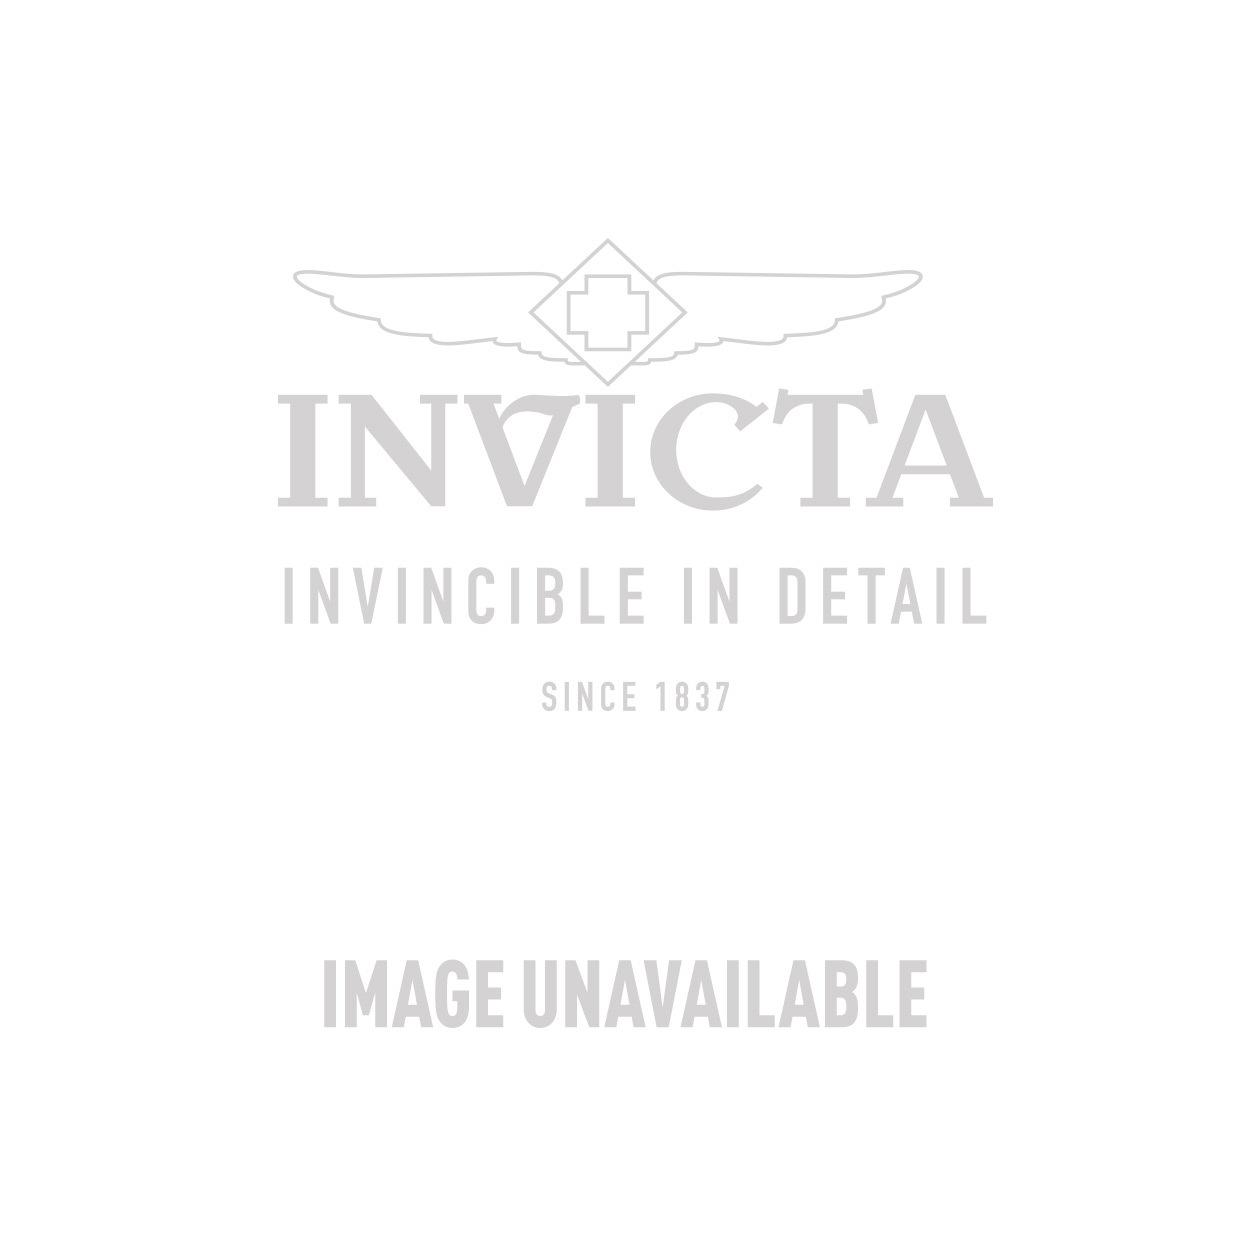 Invicta Model 28110